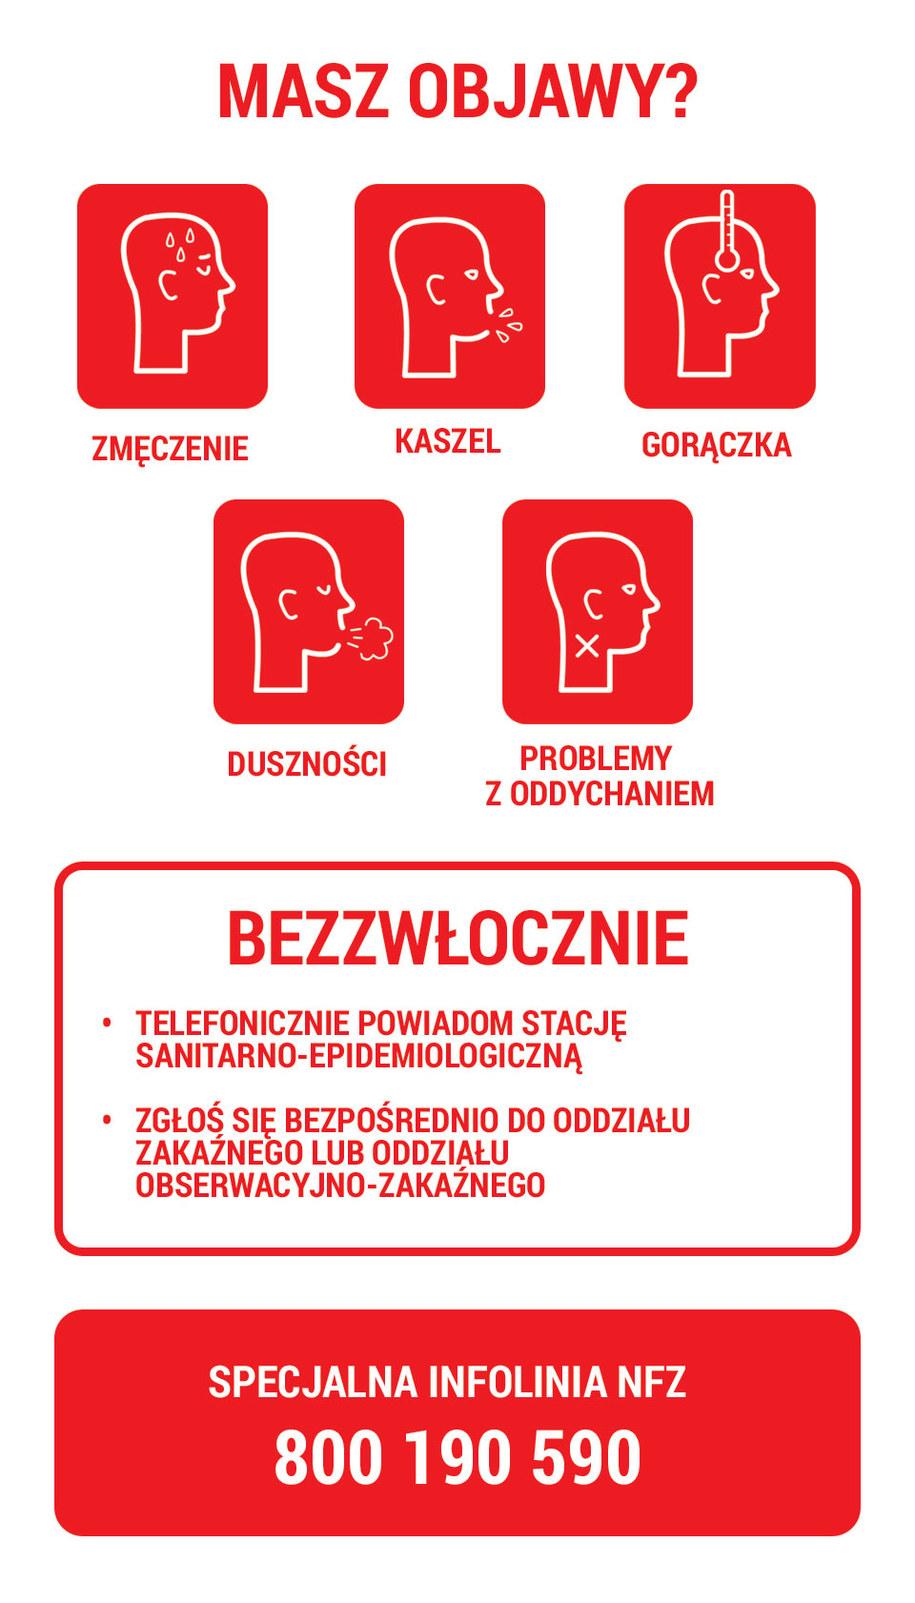 Masz objawy koronawirusa? Co robić? /RMF24